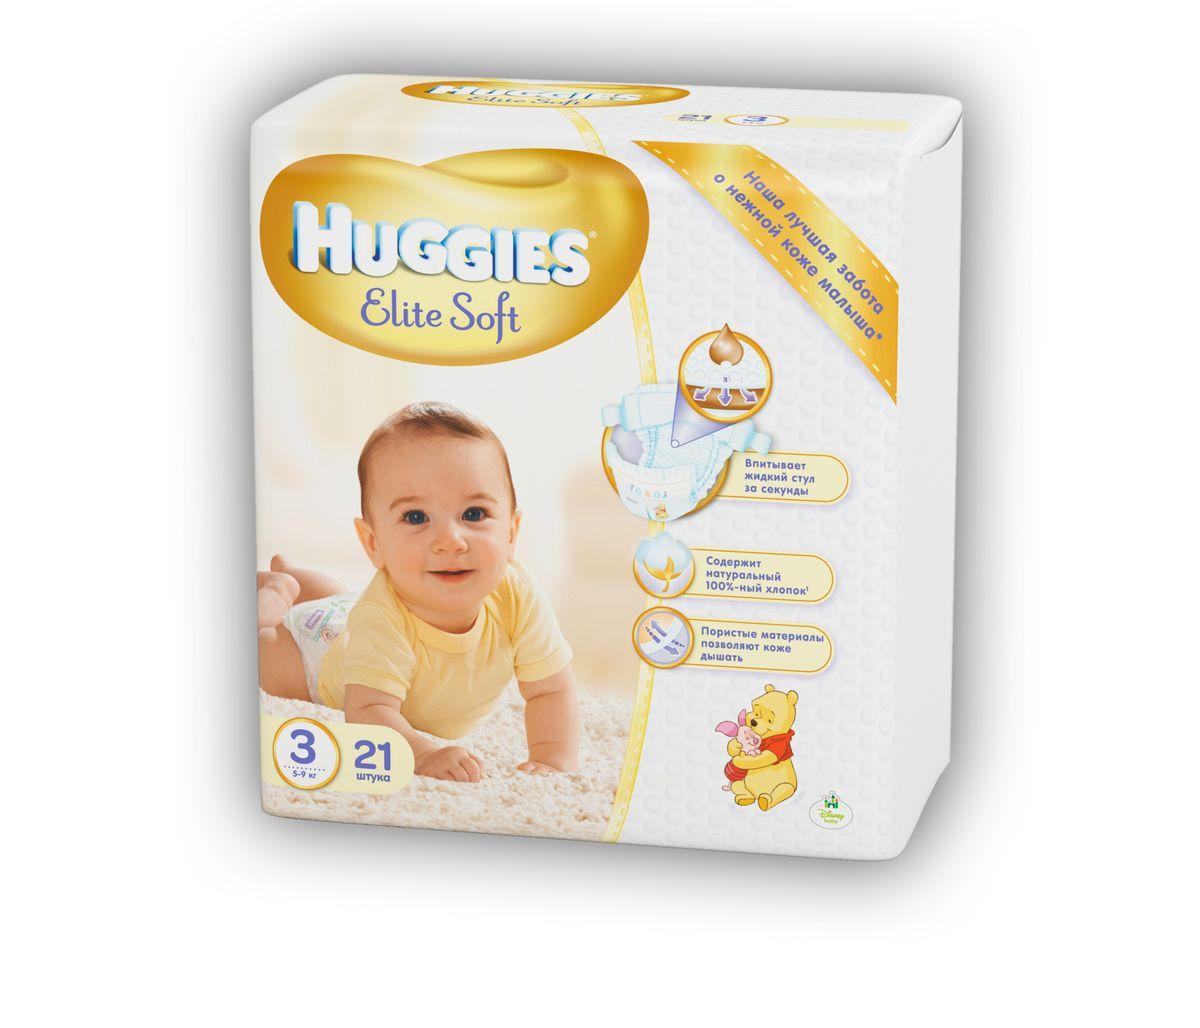 Huggies Подгузники Elite Soft 5-9 кг (размер 3) 21 шт9400813Детские одноразовые подгузники Huggies Elite Soft - Наша лучшая забота о нежной коже малыша. Свойства: мягкий суперэластичный поясок для великолепного прилегания; застежки легко застегиваются в любом месте подгузника;содержит натуральный 100% хлопок; пористые материалы позволяют коже дышать; наш самый мягкий подгузник внутри и снаружи; специальный внутренний кармашек помогает предотвратить протекание; новый супер мягкий слой SoftAbsorb впитывает жидкий стул и влагу за секунды, помогая сохранить кожу сухой; новые мягкие подушечки создают надежную преграду между кожей малыша и жидким стулом; индикатор влаги меняет цвет, когда намокает.